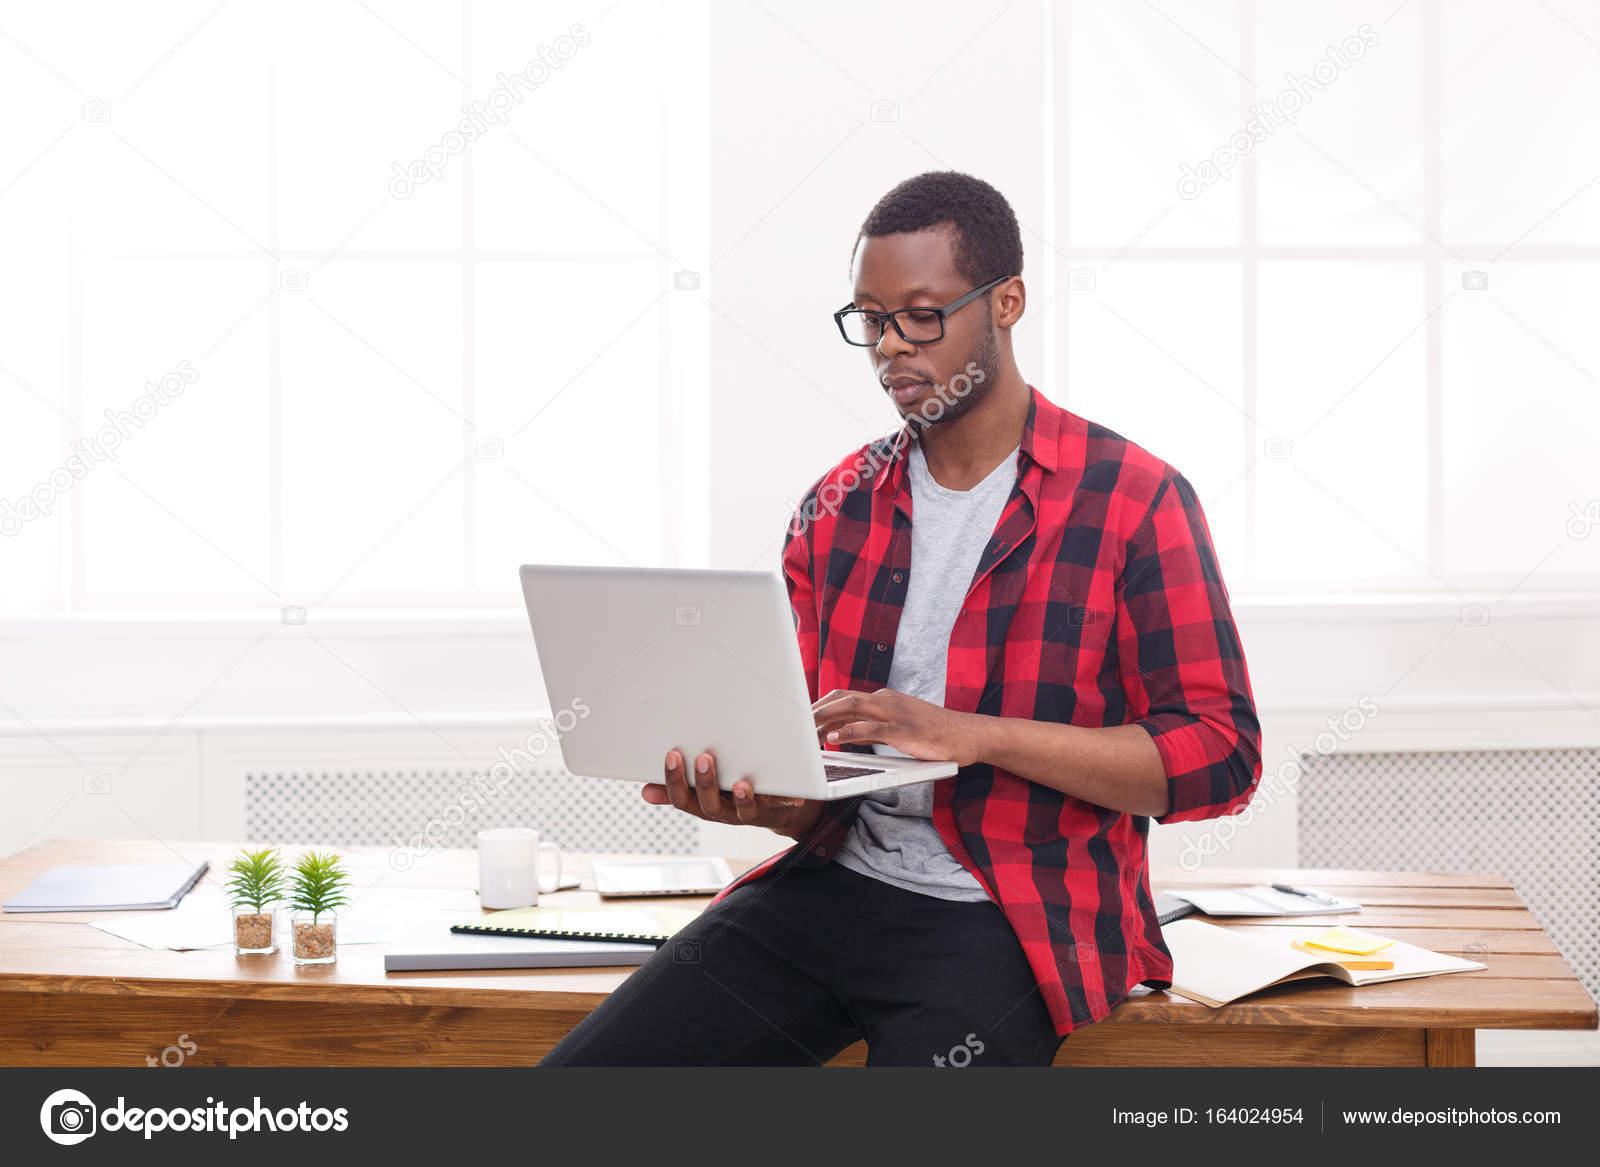 Ufficio Del Lavoro In Nero : Uomo daffari nero pensoso in ufficio casual lavoro con il computer